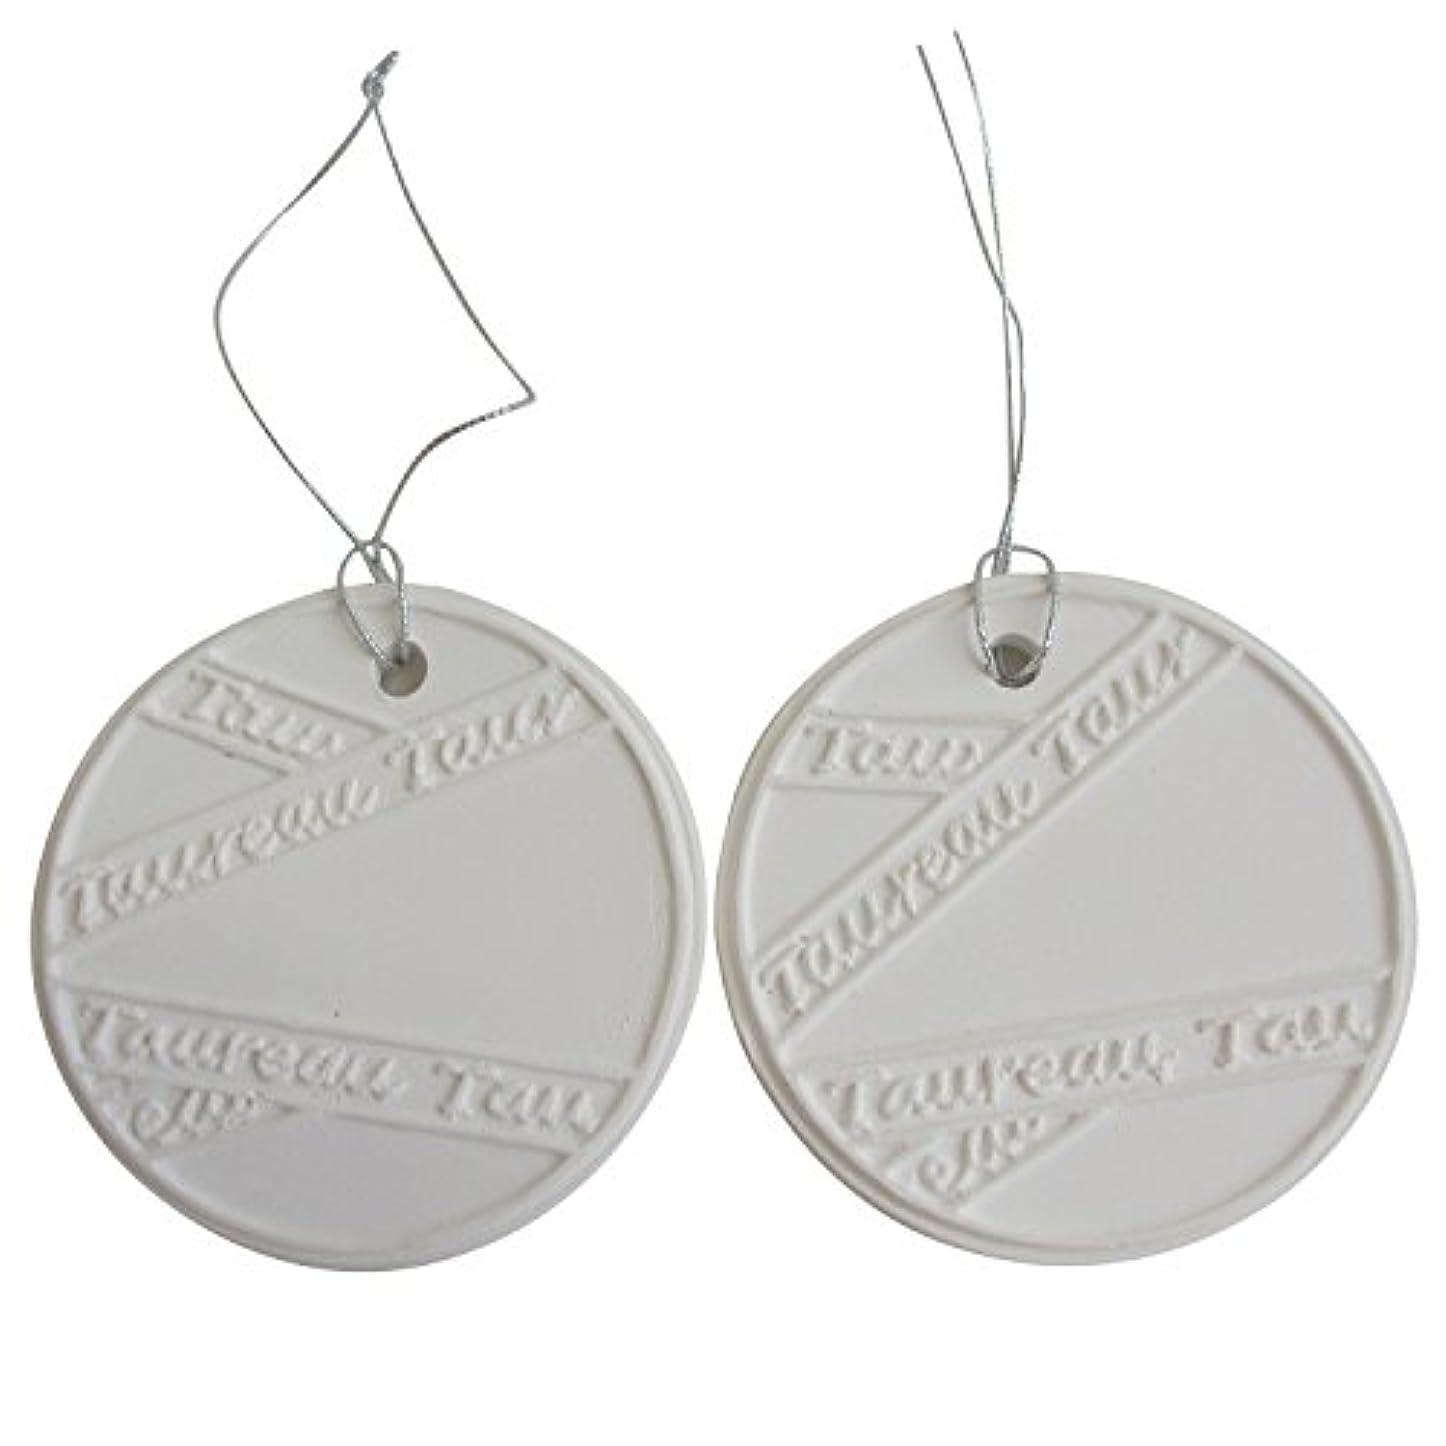 姿勢相対サイズドローアロマストーン ホワイトコイン2セット(リボン2) アクセサリー 小物 キーホルダー アロマディフューザー ペンダント 陶器製